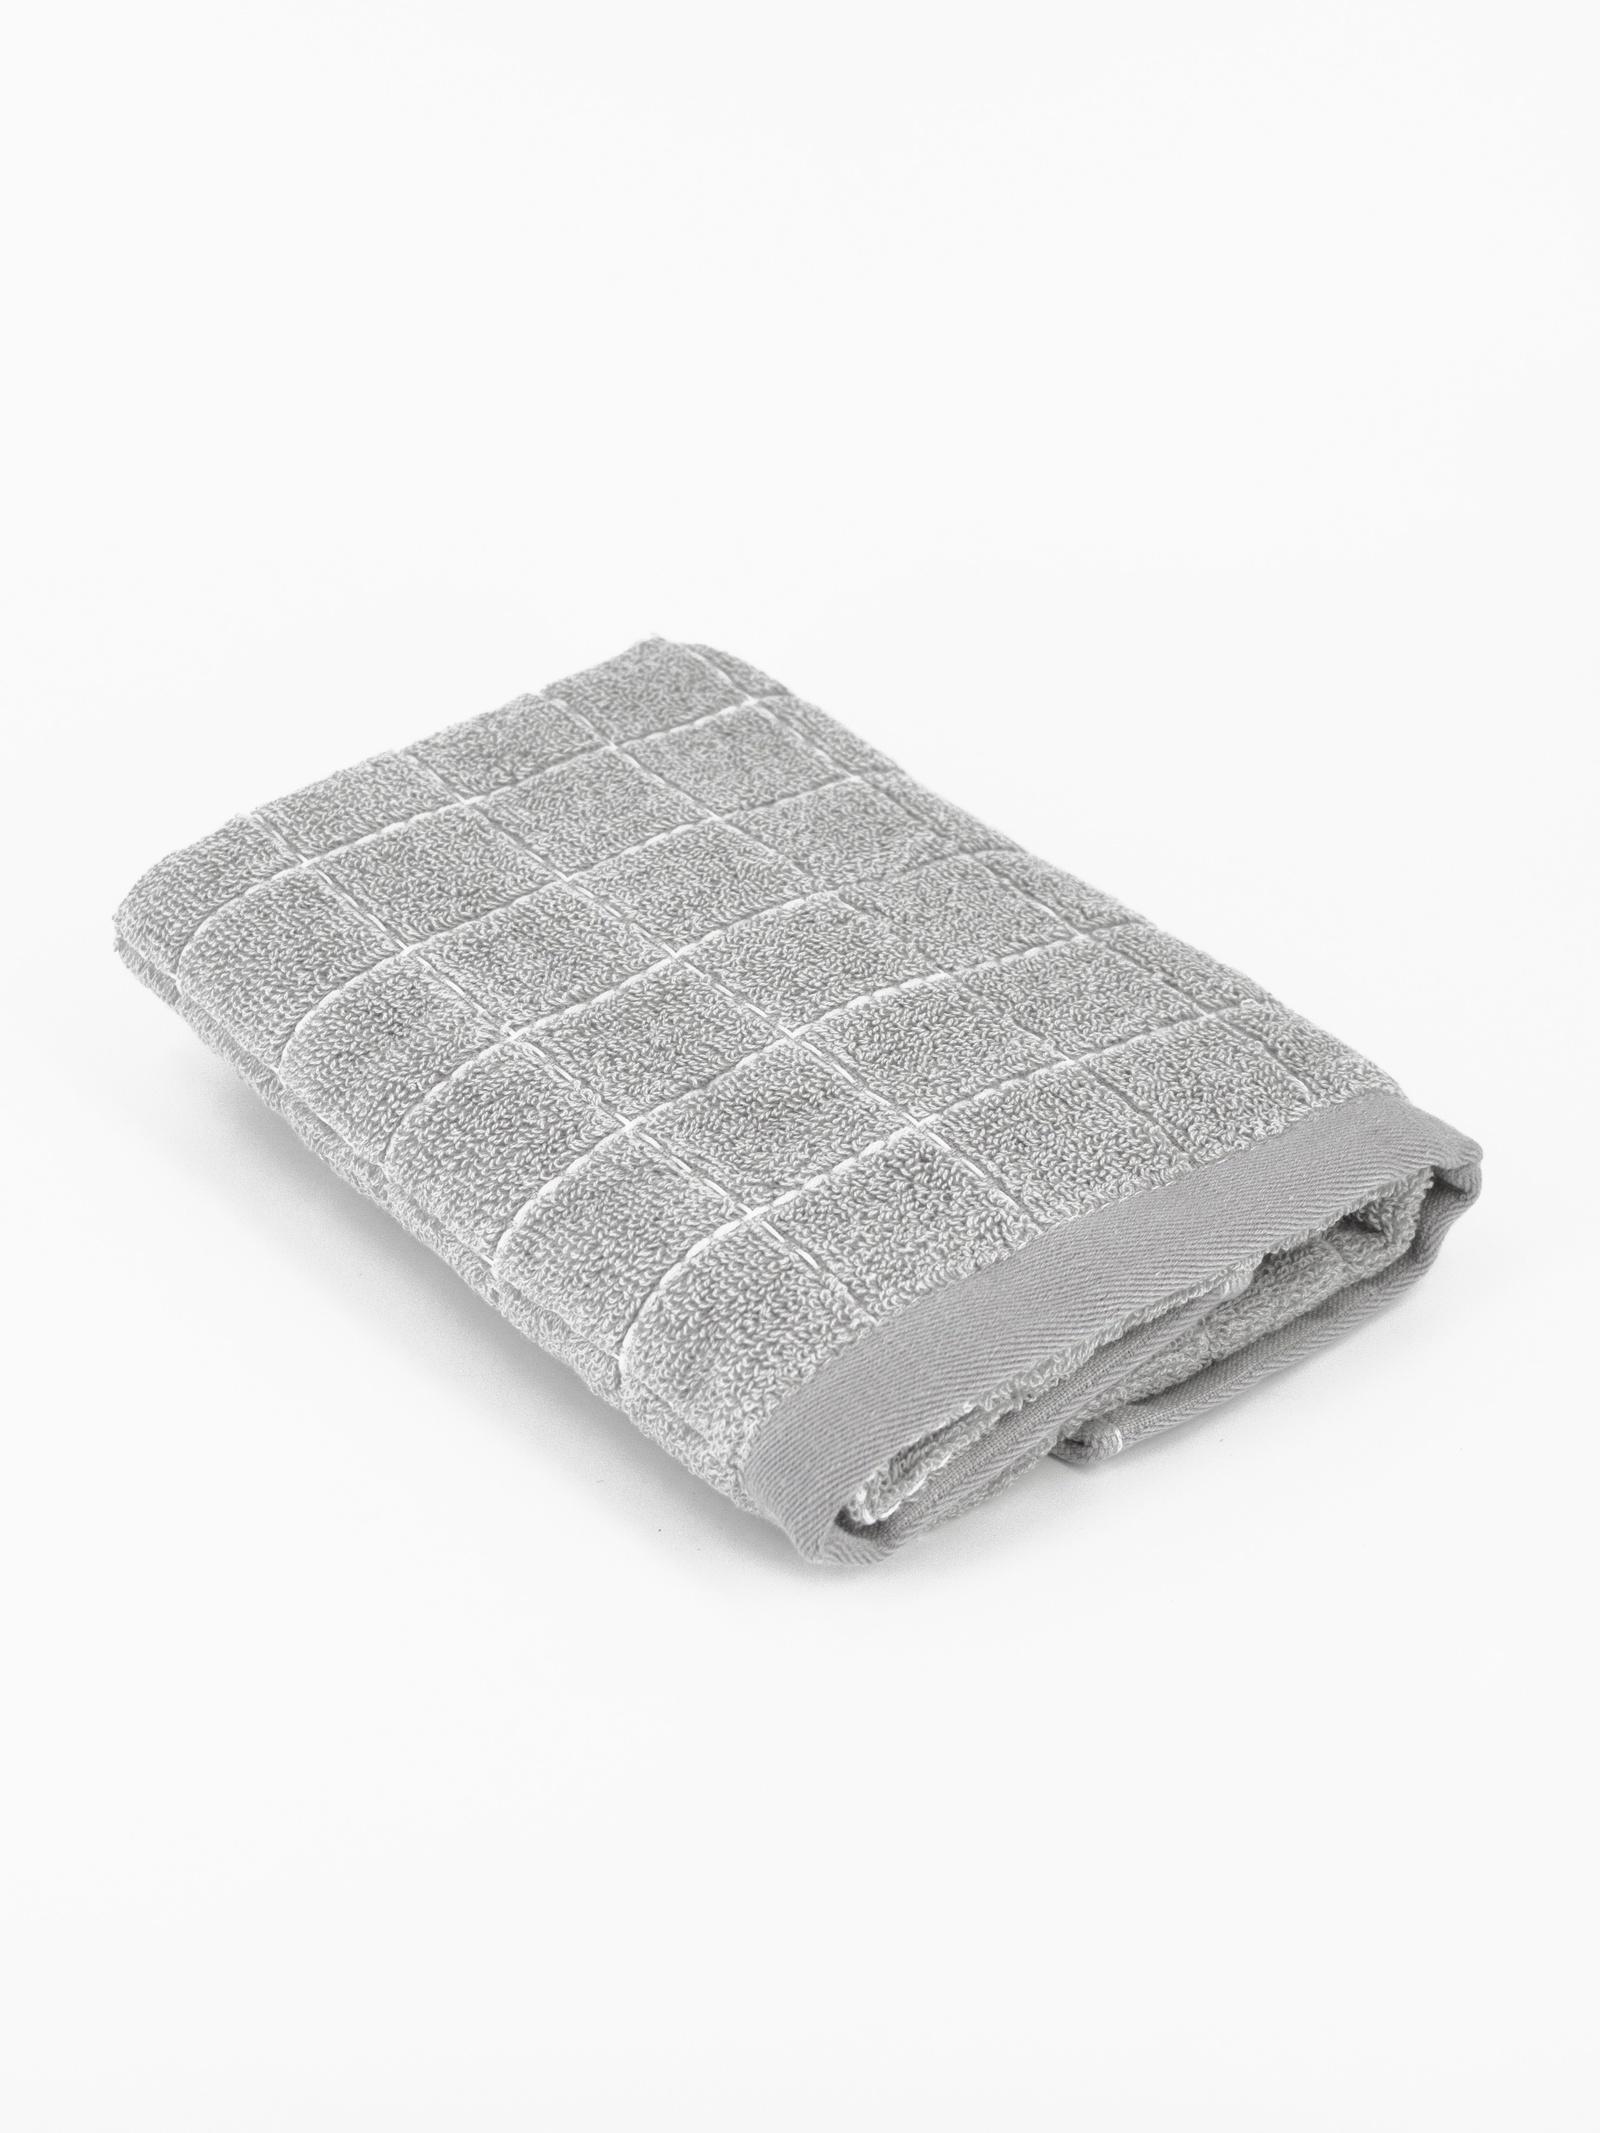 Банный комплект Удачная покупка Полотенца банные, светло-серый полотенца банные авангард полотенце махровое пестротканое жаккардовое ручки